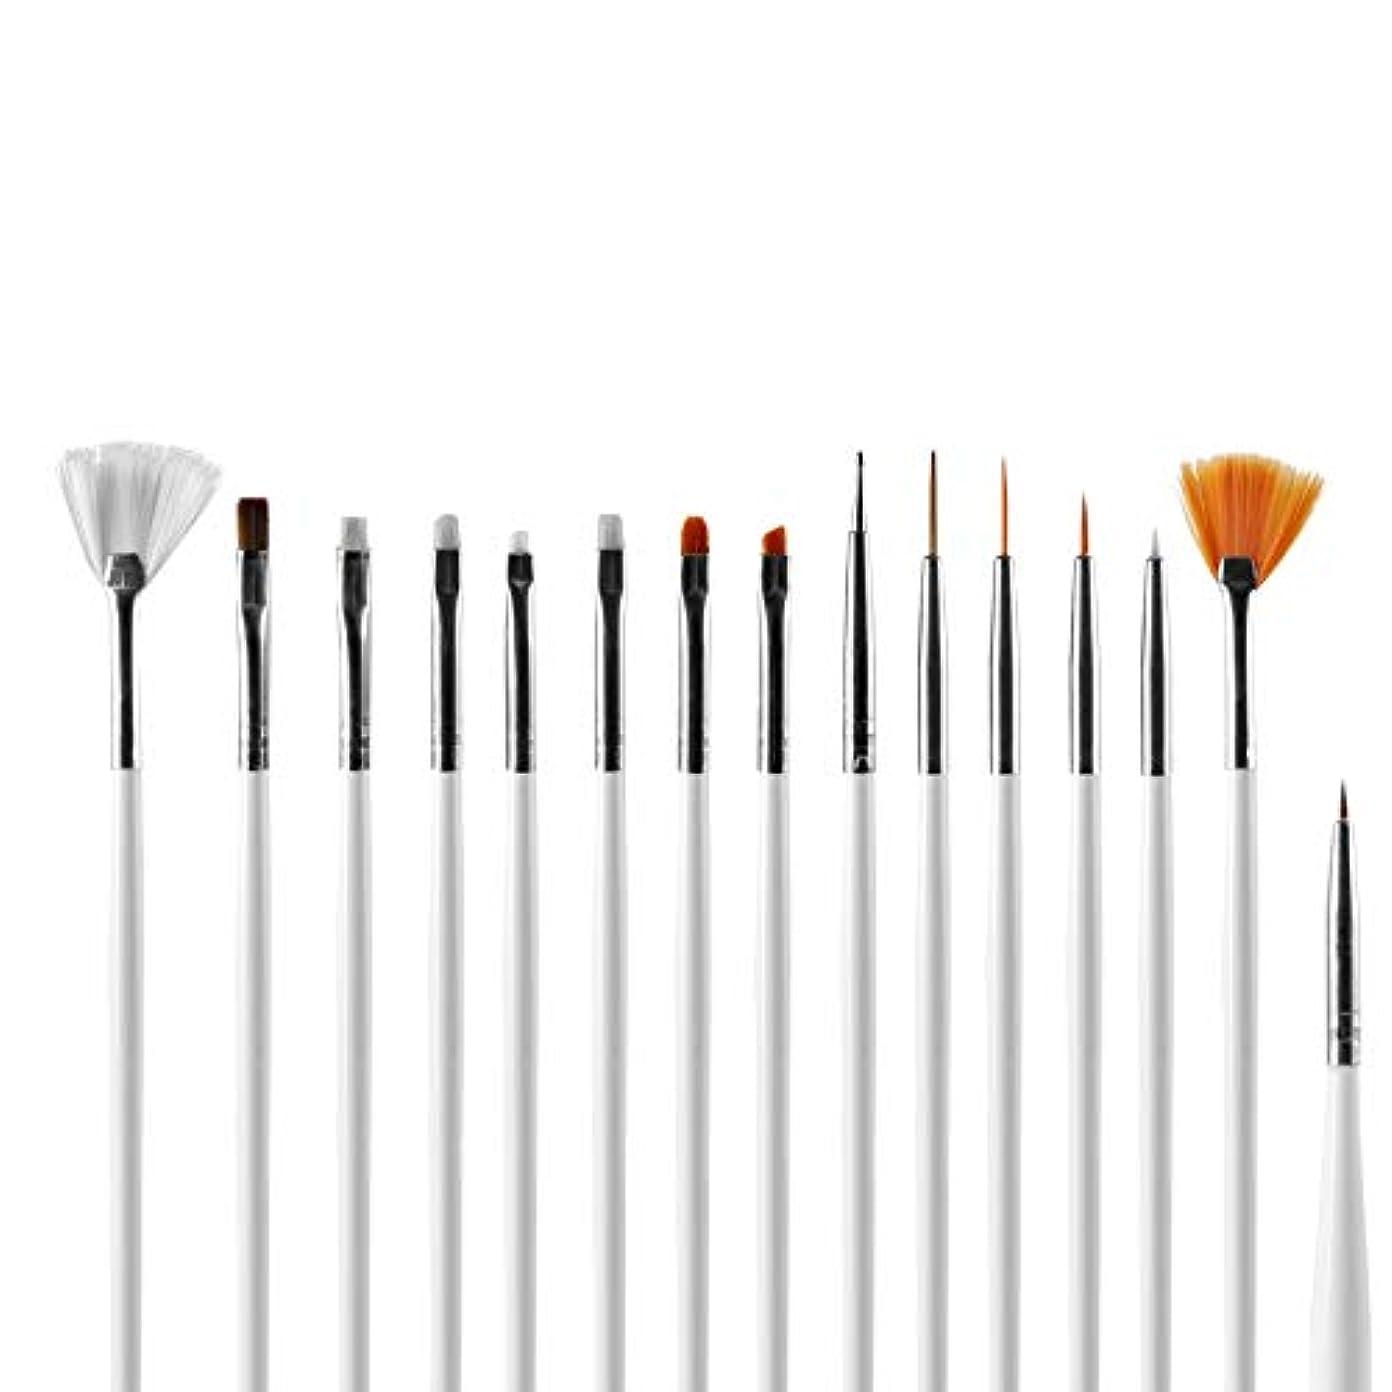 傀儡とまり木威信メーリンドス ネイルデザインツール ネイルアートブラシペン ライナーペン/ドットペン/絵画用 プロジェルネイルパウダー3DデザインネイルDIYネイルペン 15本セット